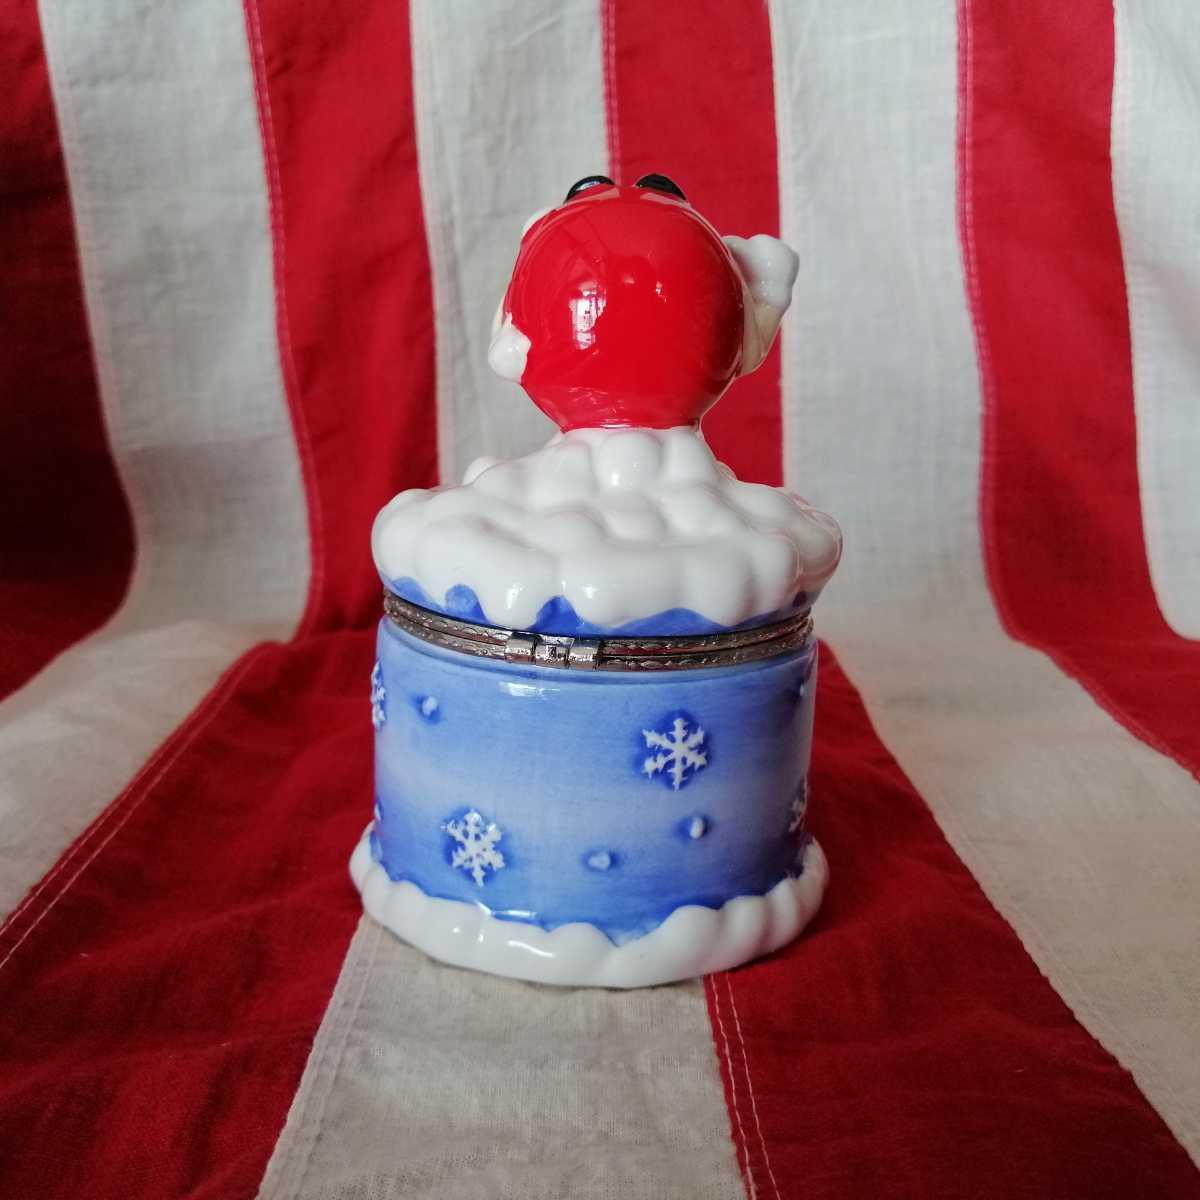 エムアンドエムズ M&Ms フィギュア インテリア 陶器製 人形 小物入れ レトロ 置き物 雪国限定品 D254_画像3